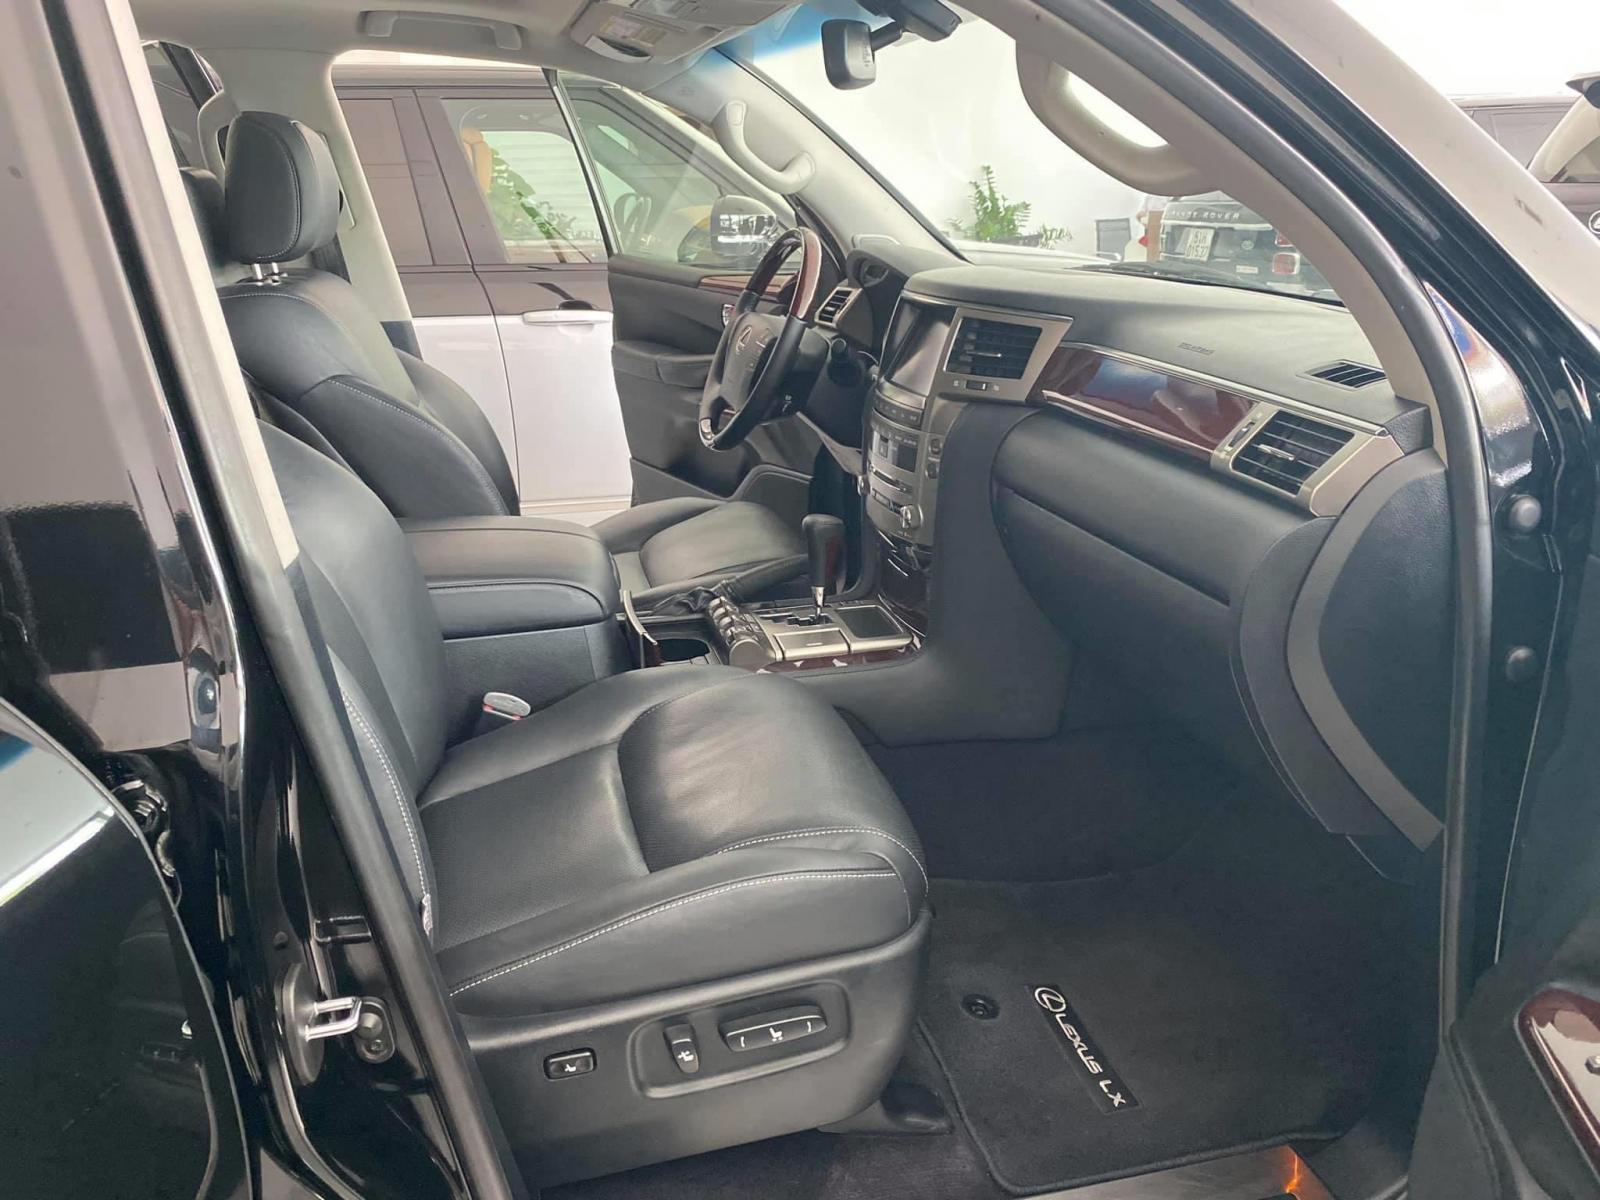 Bán Lexus LX570 xuất Mỹ, màu đen 2014, xe full kịch đồ, xe siêu mới